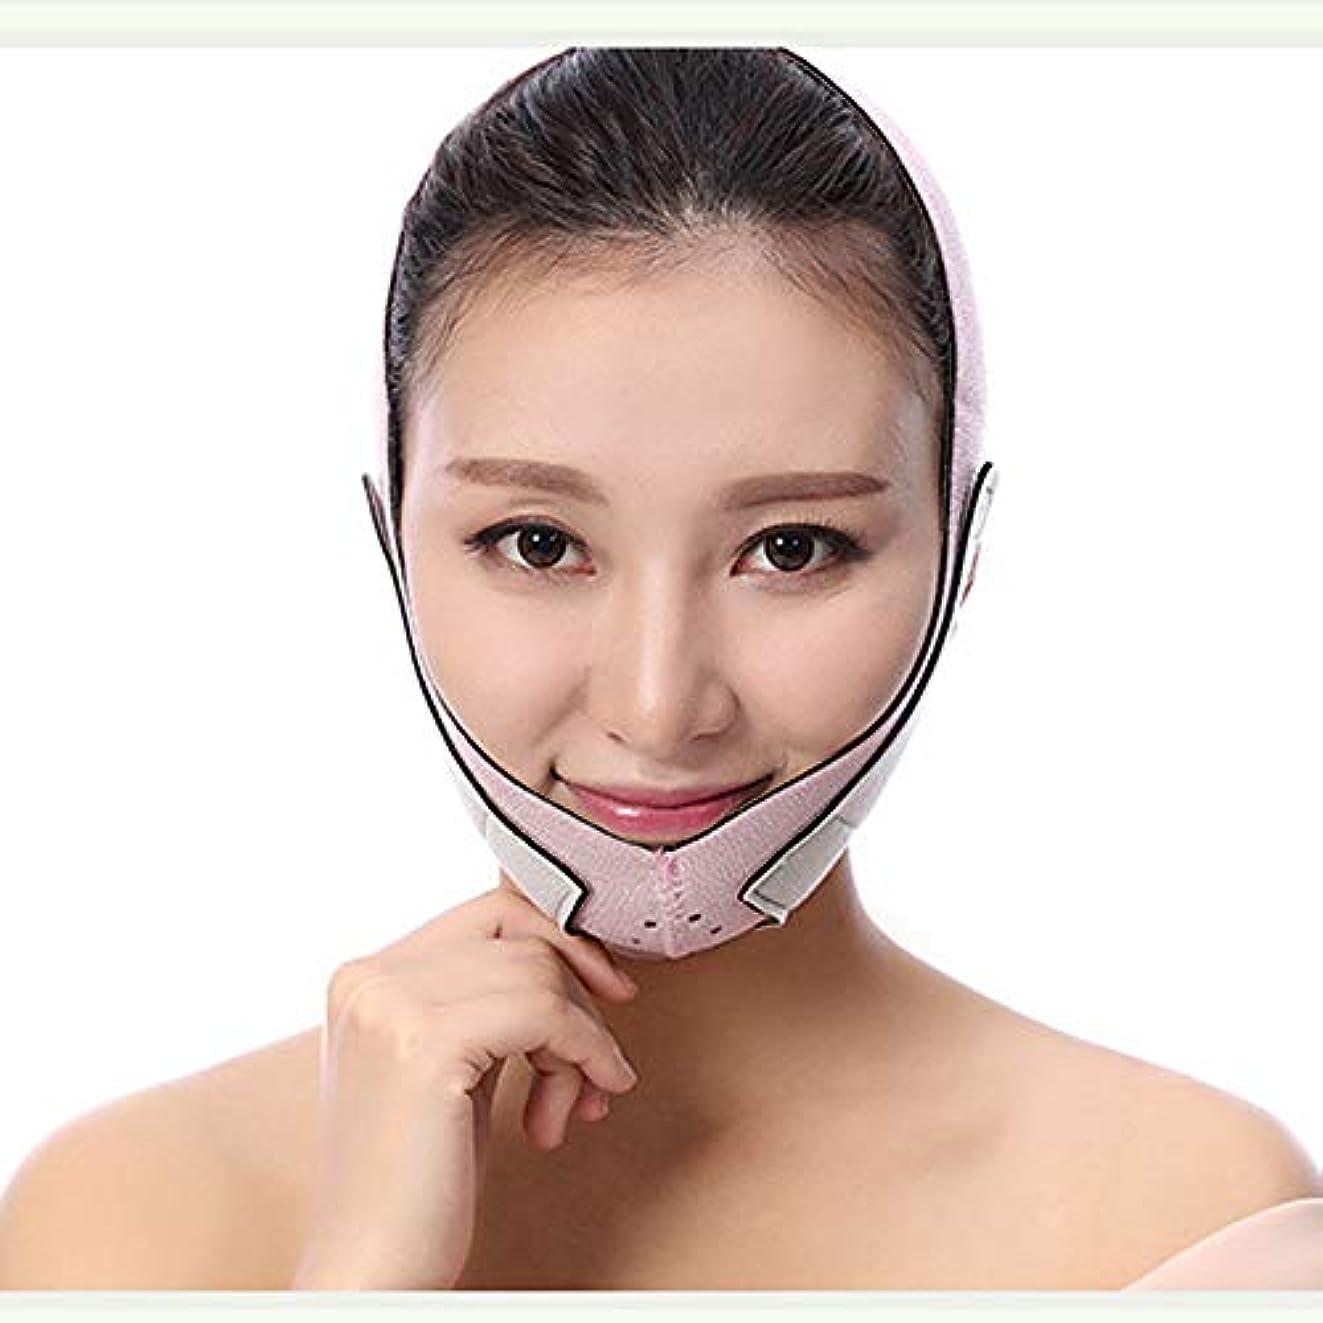 ペパーミント信念馬鹿げたユニセックス薄型フェイス包帯、美容リフト引き締めサイズVフェイスダブルあご睡眠マスク(ピンク)